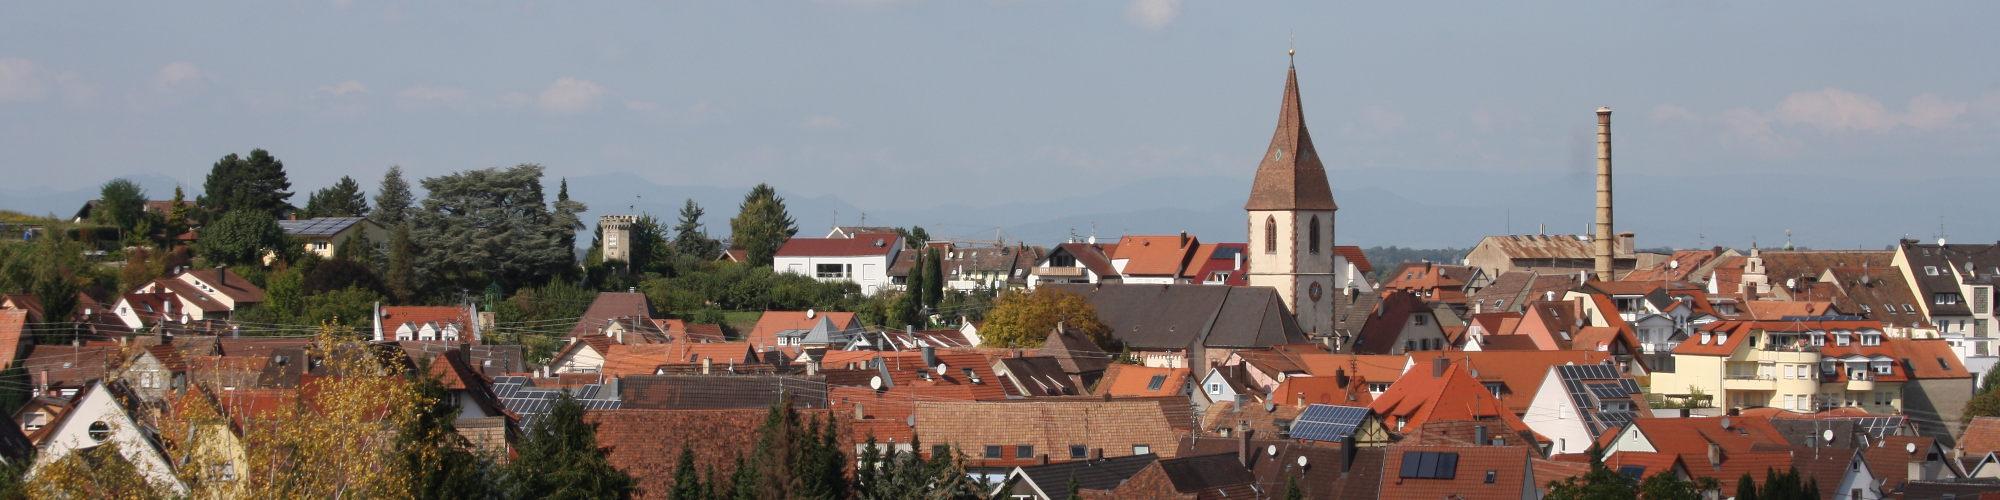 Endingen am Kaiserstuhl